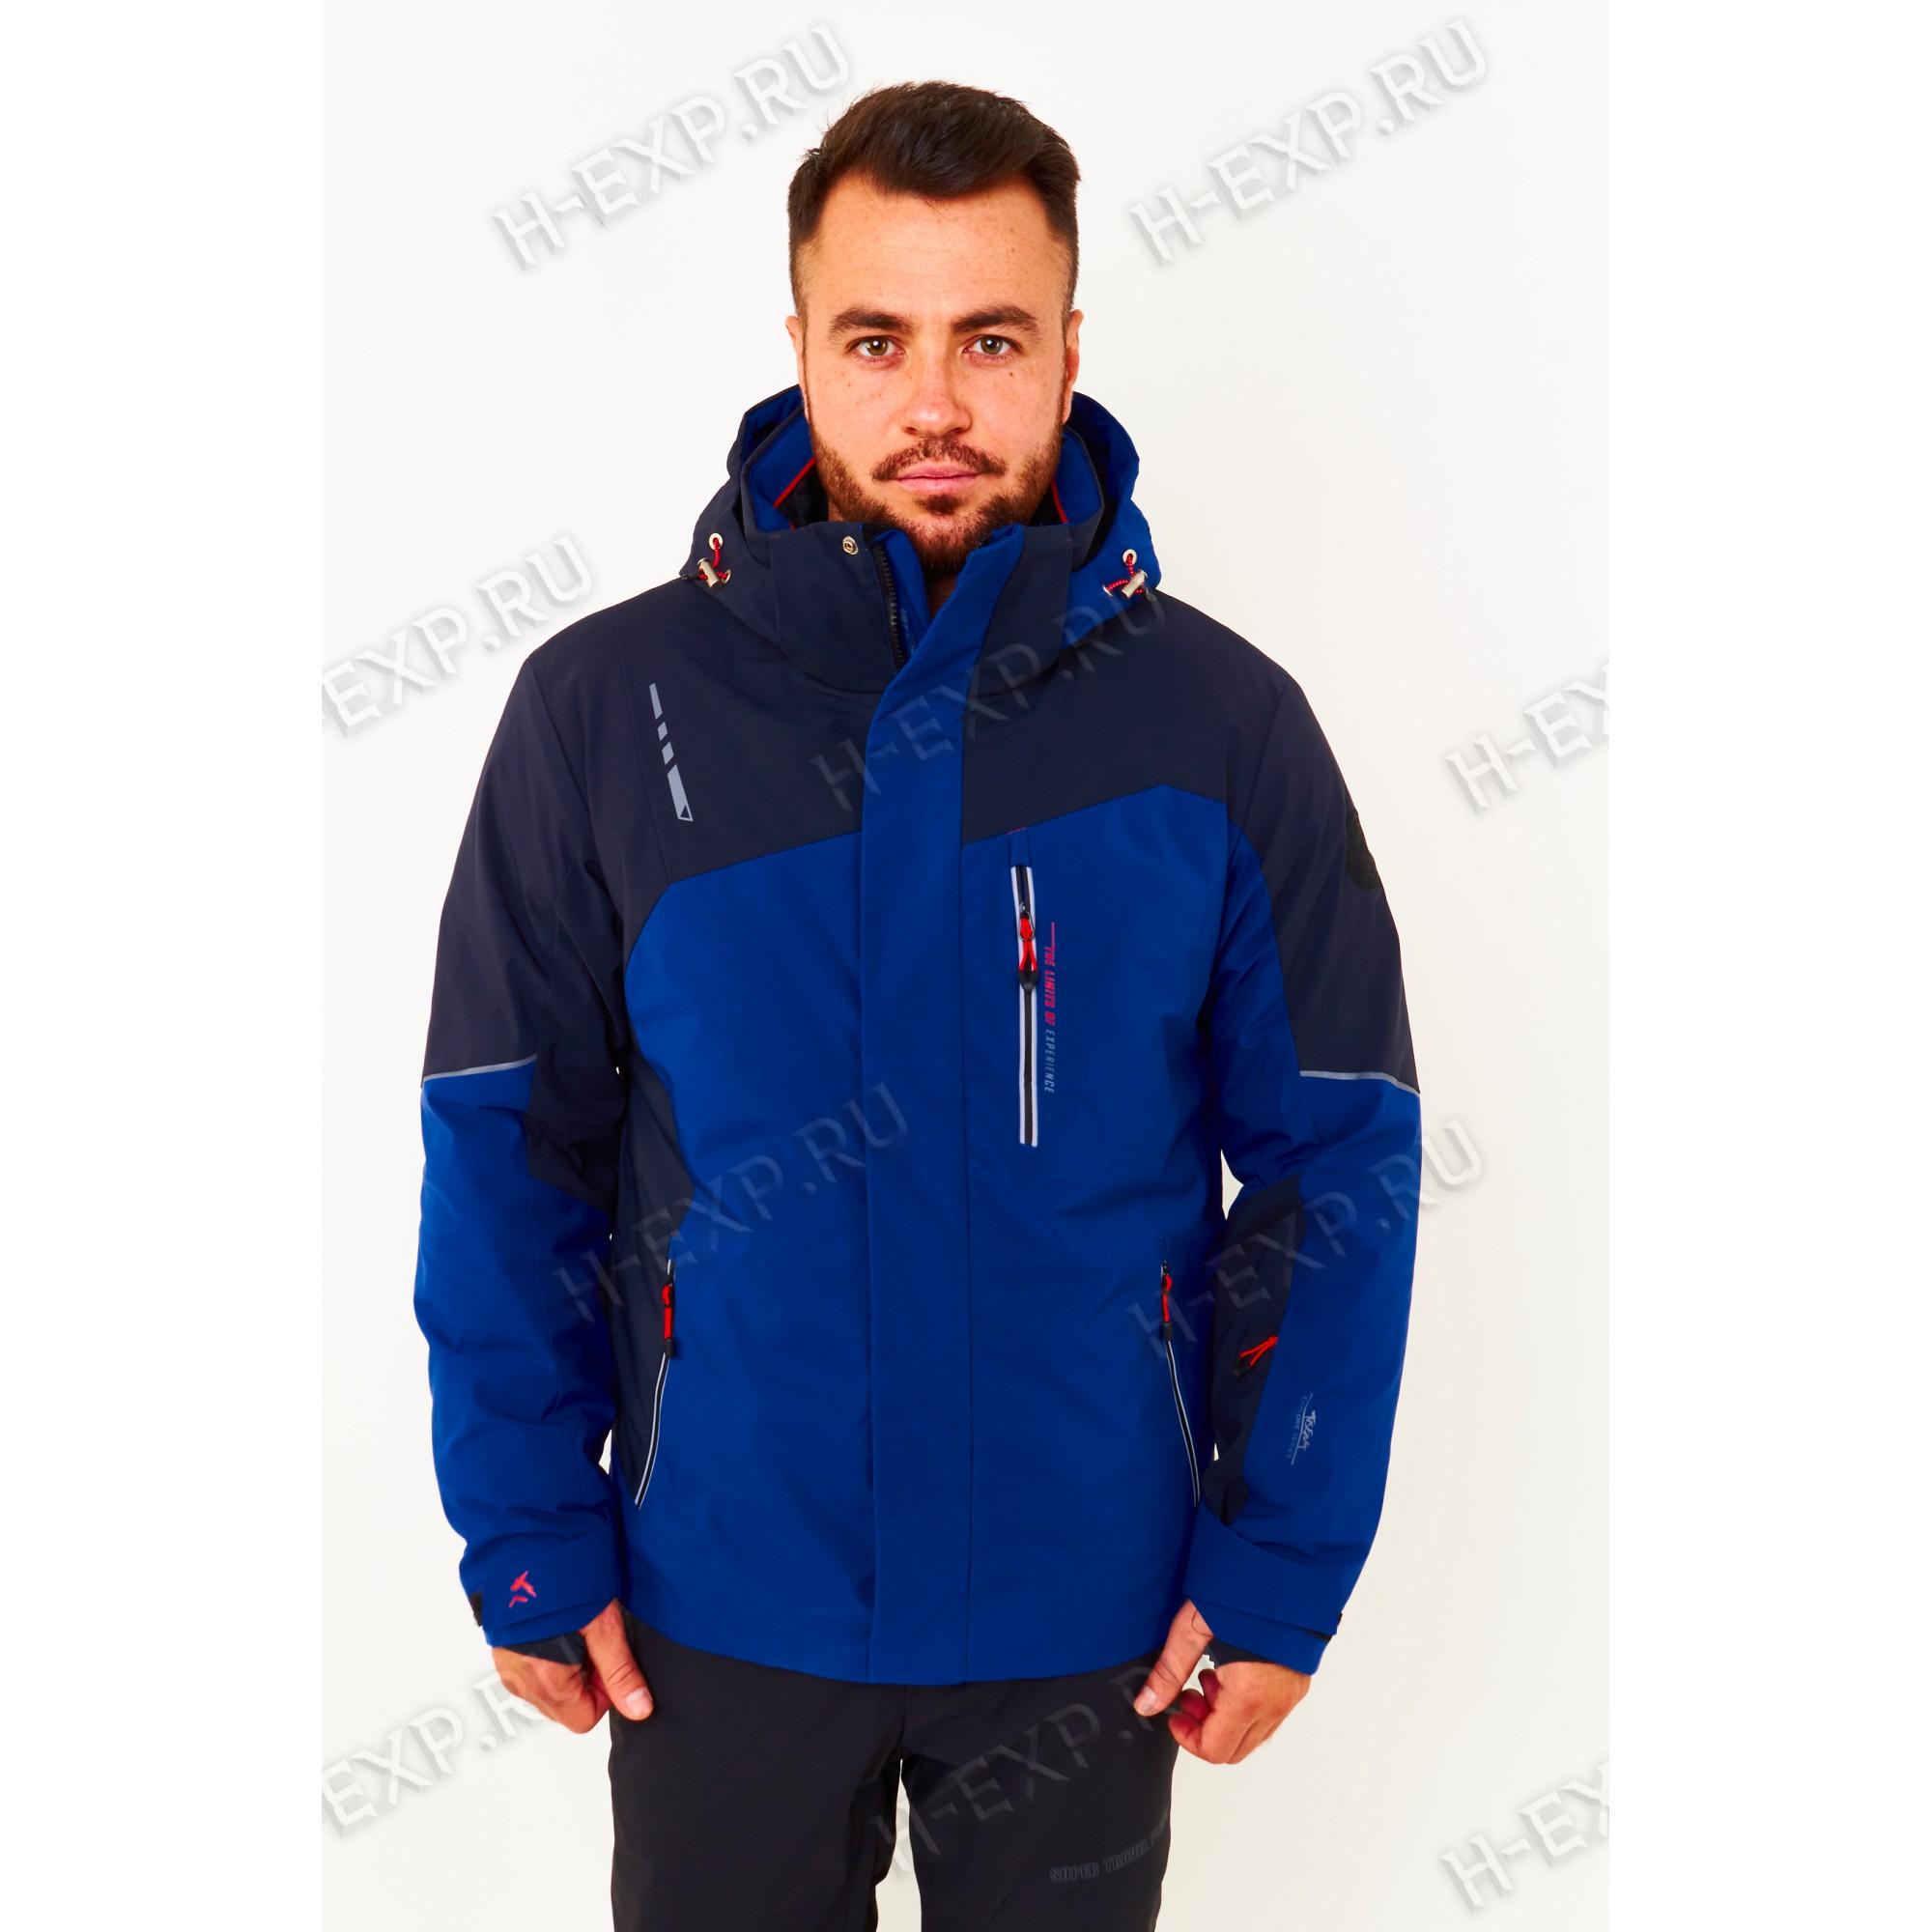 Куртка мужская Tisent 511003 (L14) Темно-синий